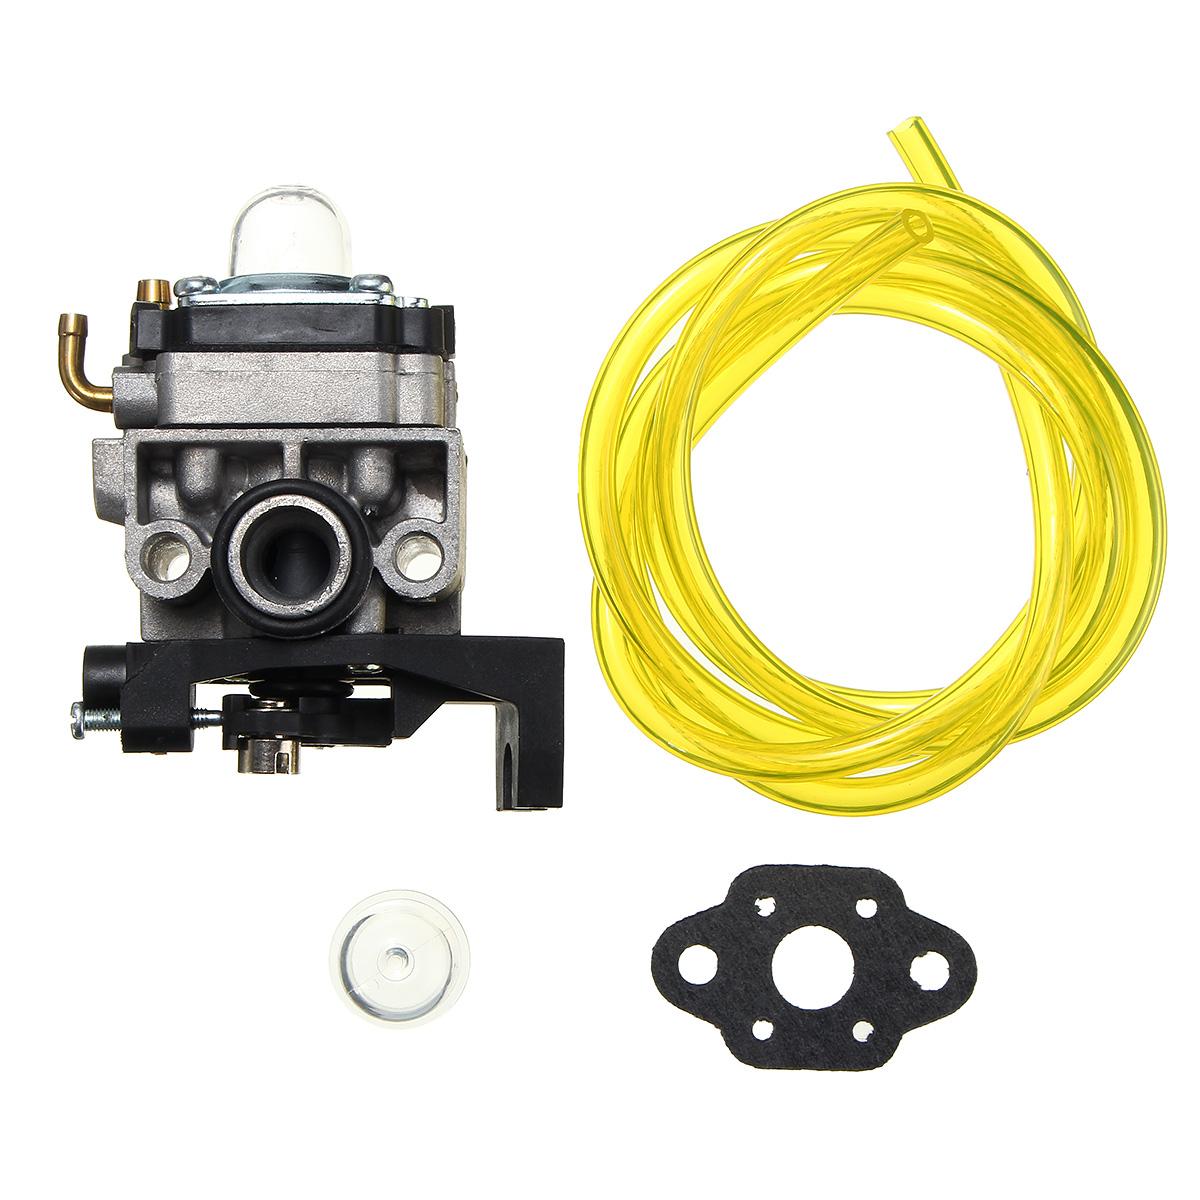 Carburetor Oil Cup Fuel Pipe Engine Gasket Kit For Honda GX25 GX25N GX25NT FG110